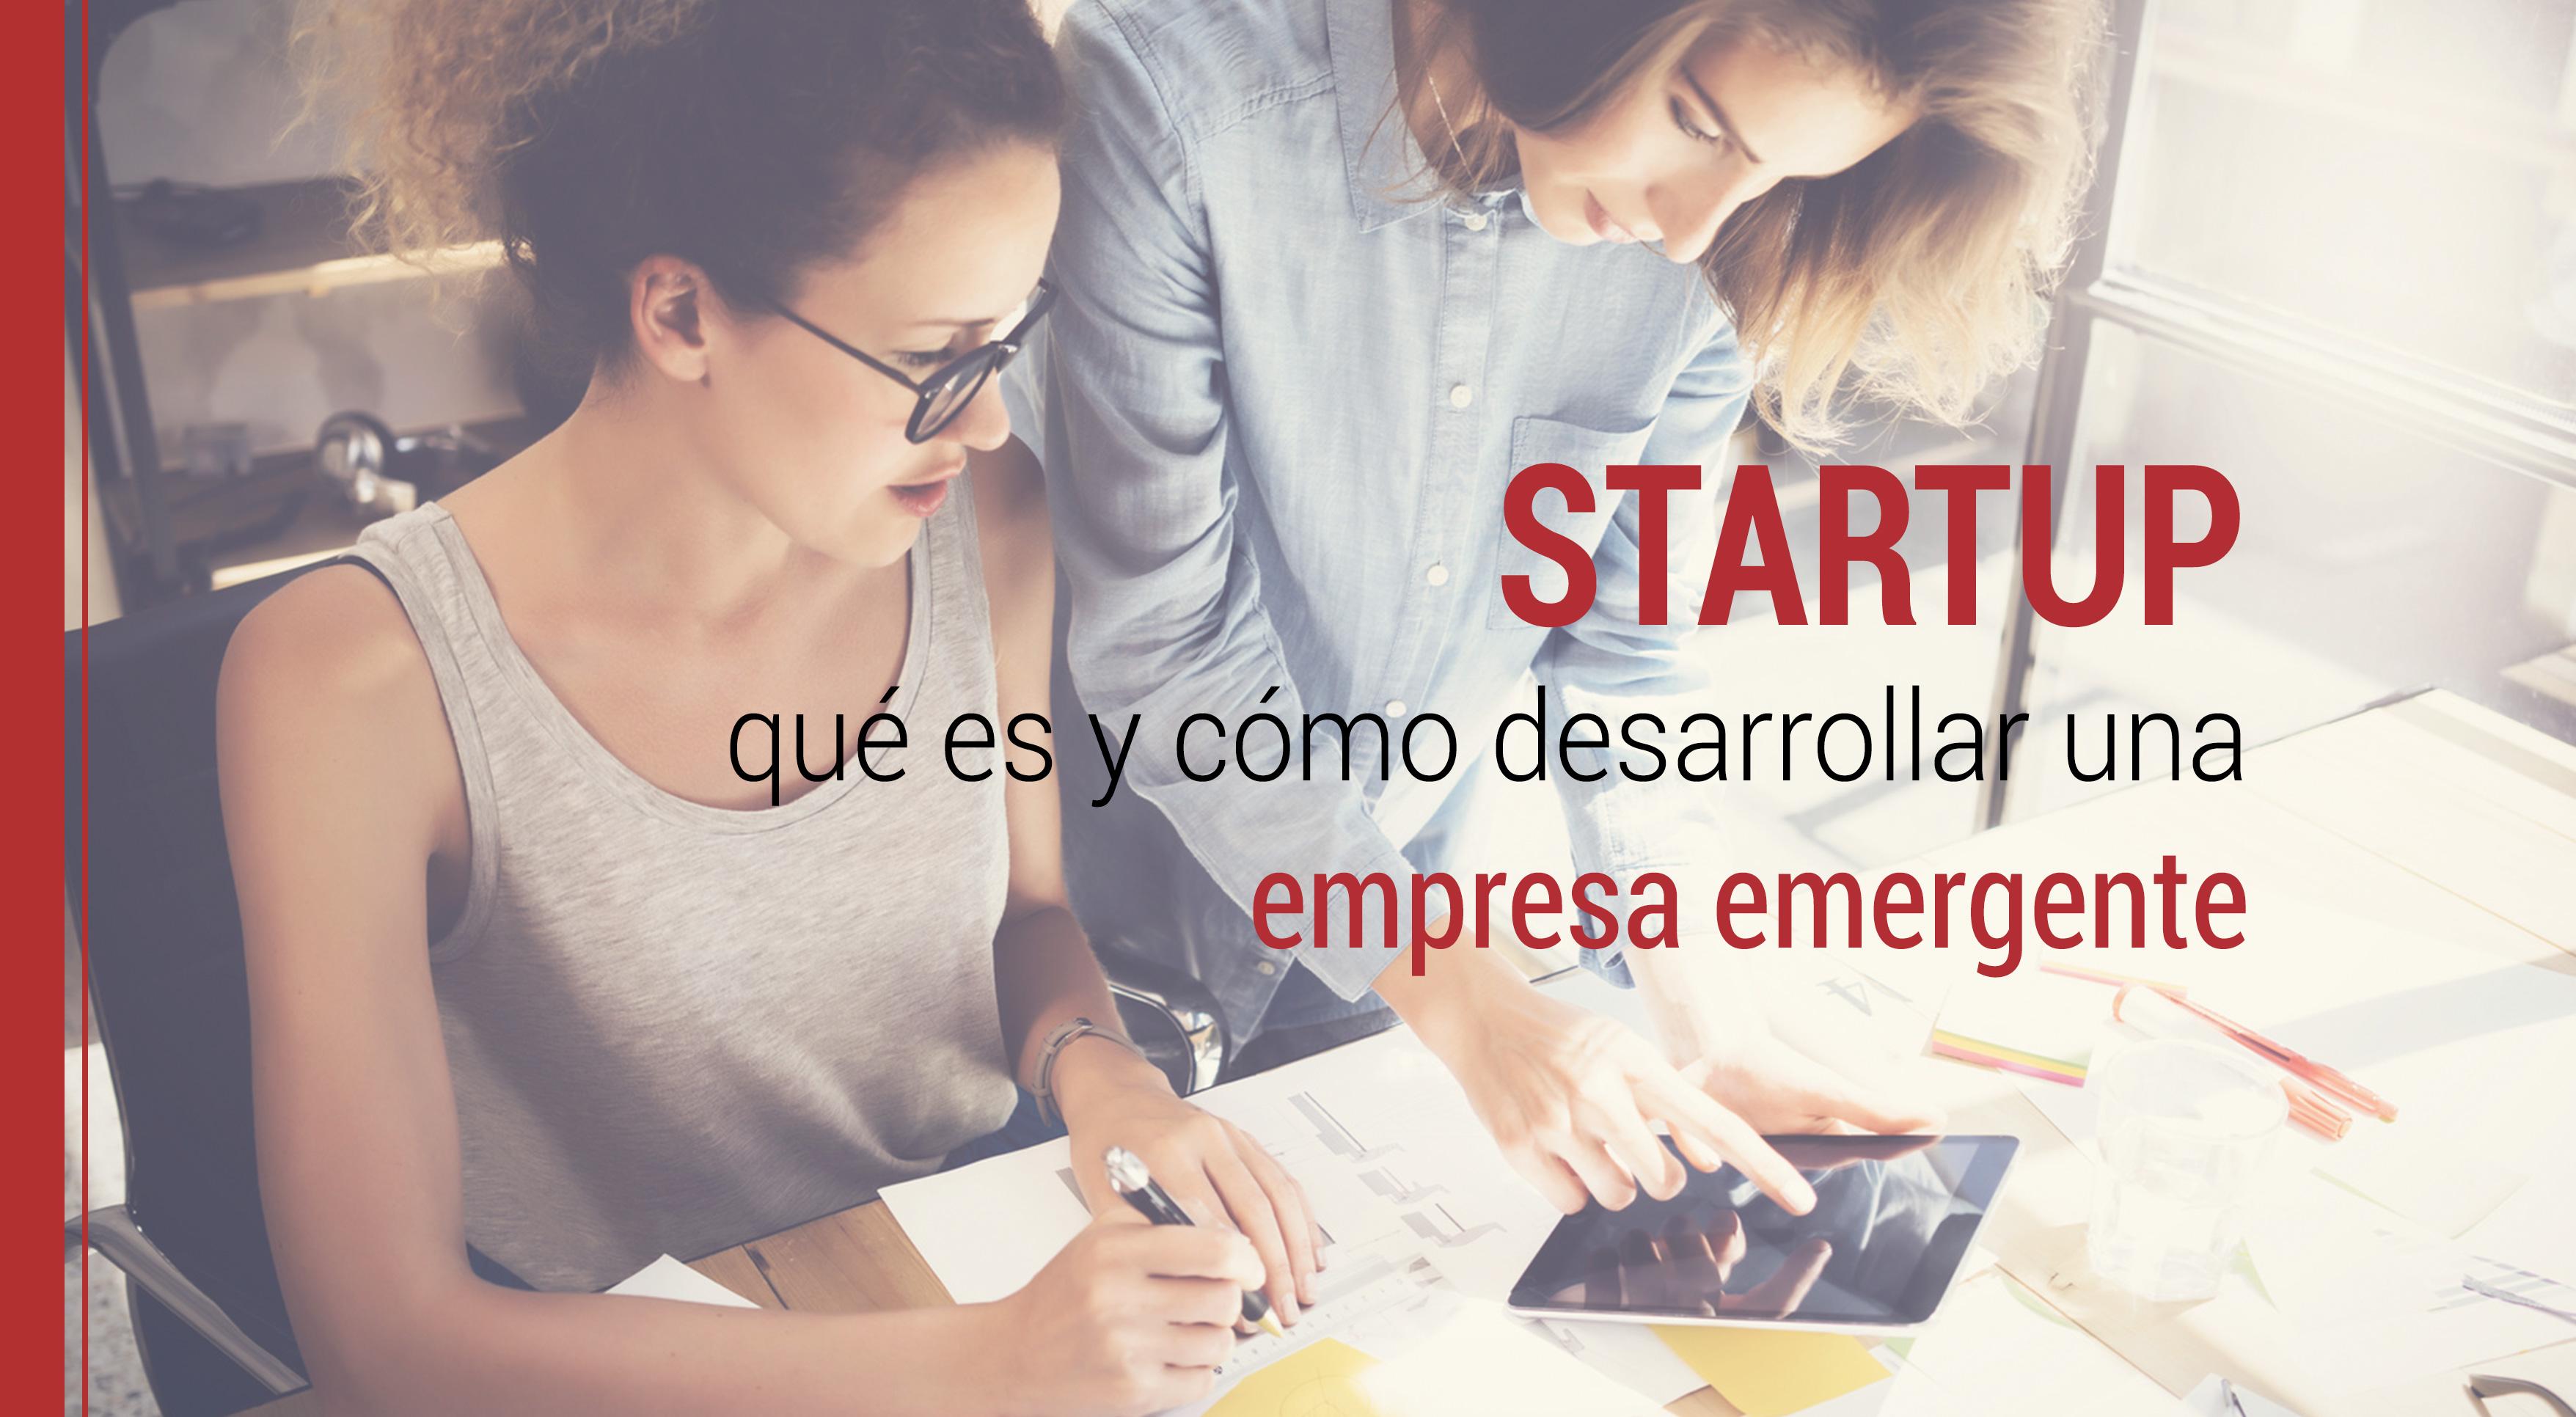 Startup: qué es y cómo desarrollar una empresa emergente